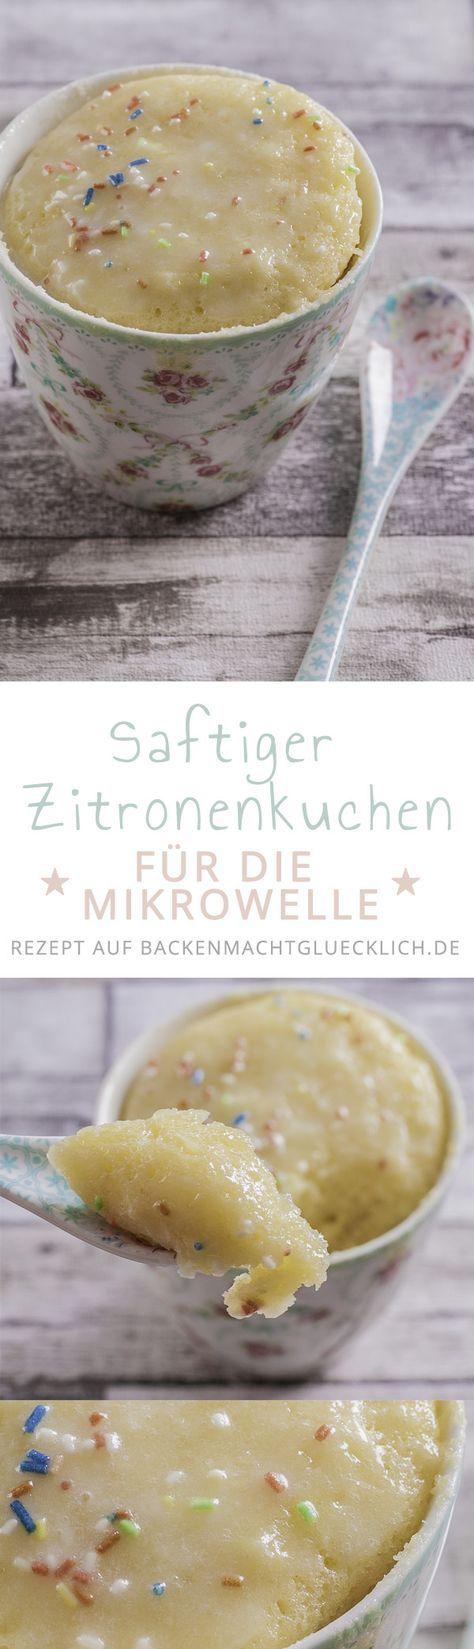 Schnelles und leckeres Tassenkuchen-Rezept mit Zitrone. In 3 Minuten fertig!